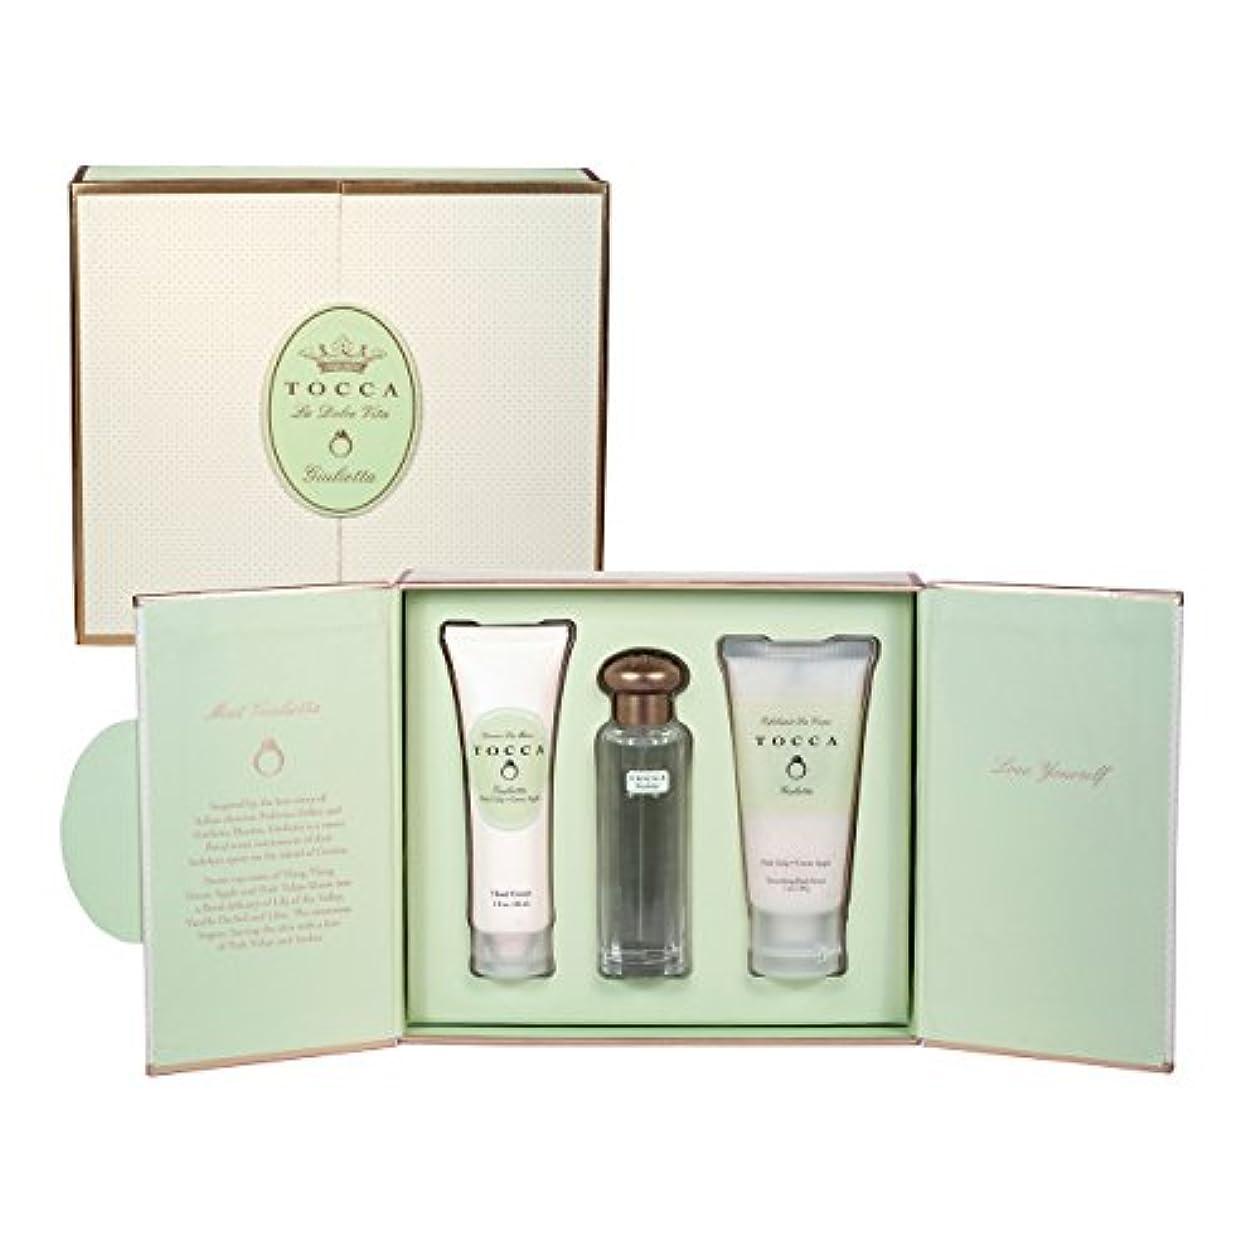 百万シェーバー言い聞かせるトッカ(TOCCA) ドルチェヴィータコレクション ジュリエッタの香り (香水20ml、ハンドクリーム30ml、ボディーケアスクラブ30ml)